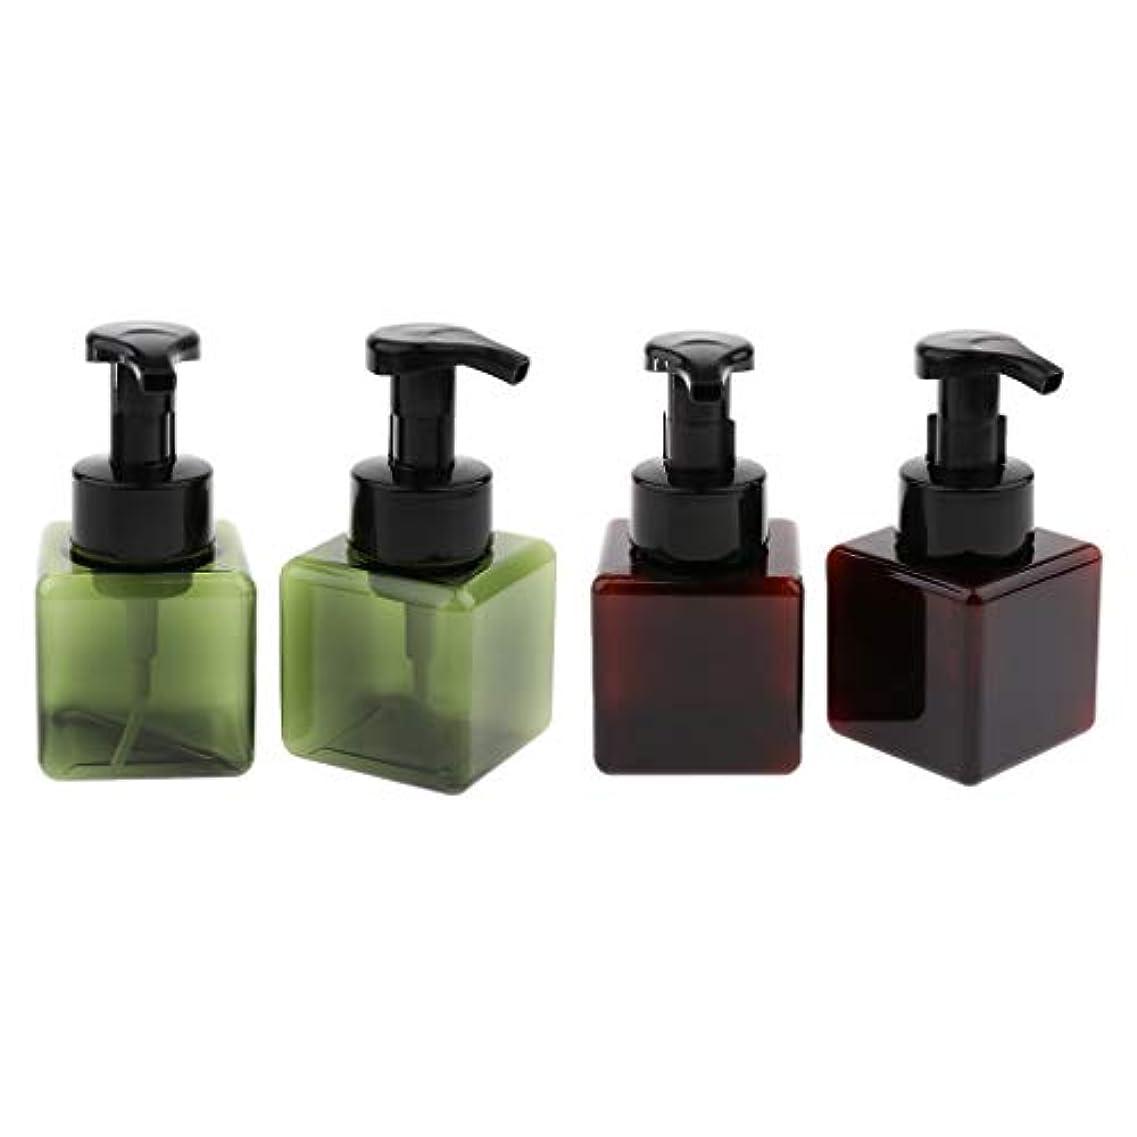 王室芝生シンプルさ小分けボトル 泡ポンプボトル 詰め替え容器 ディスペンサー スクエア 再利用可 250ml 4個 全5色 - ダークグリーン+ブラウン